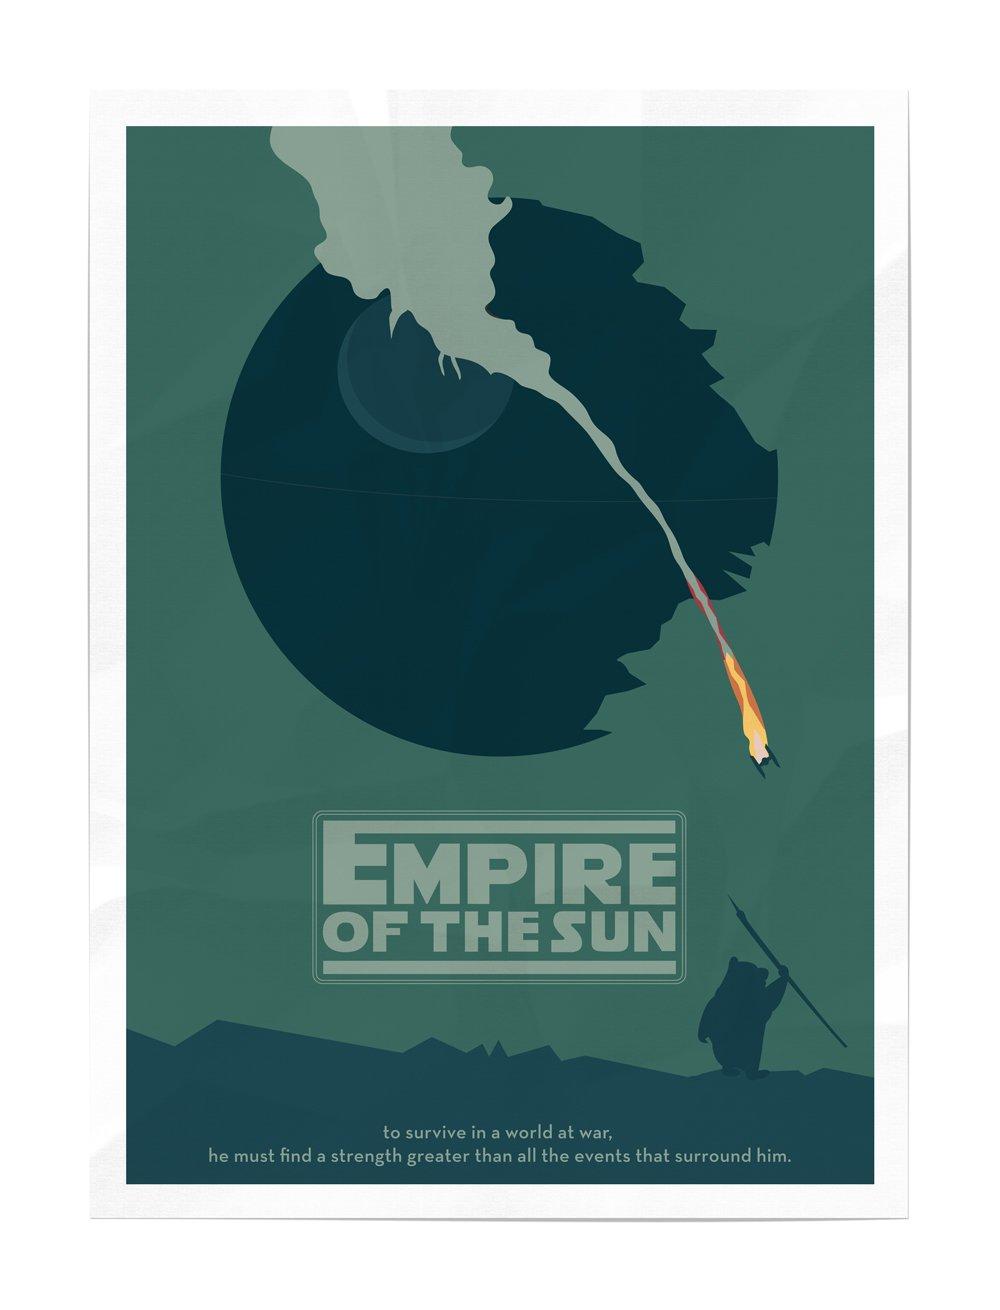 Закат империи - Изображение 18